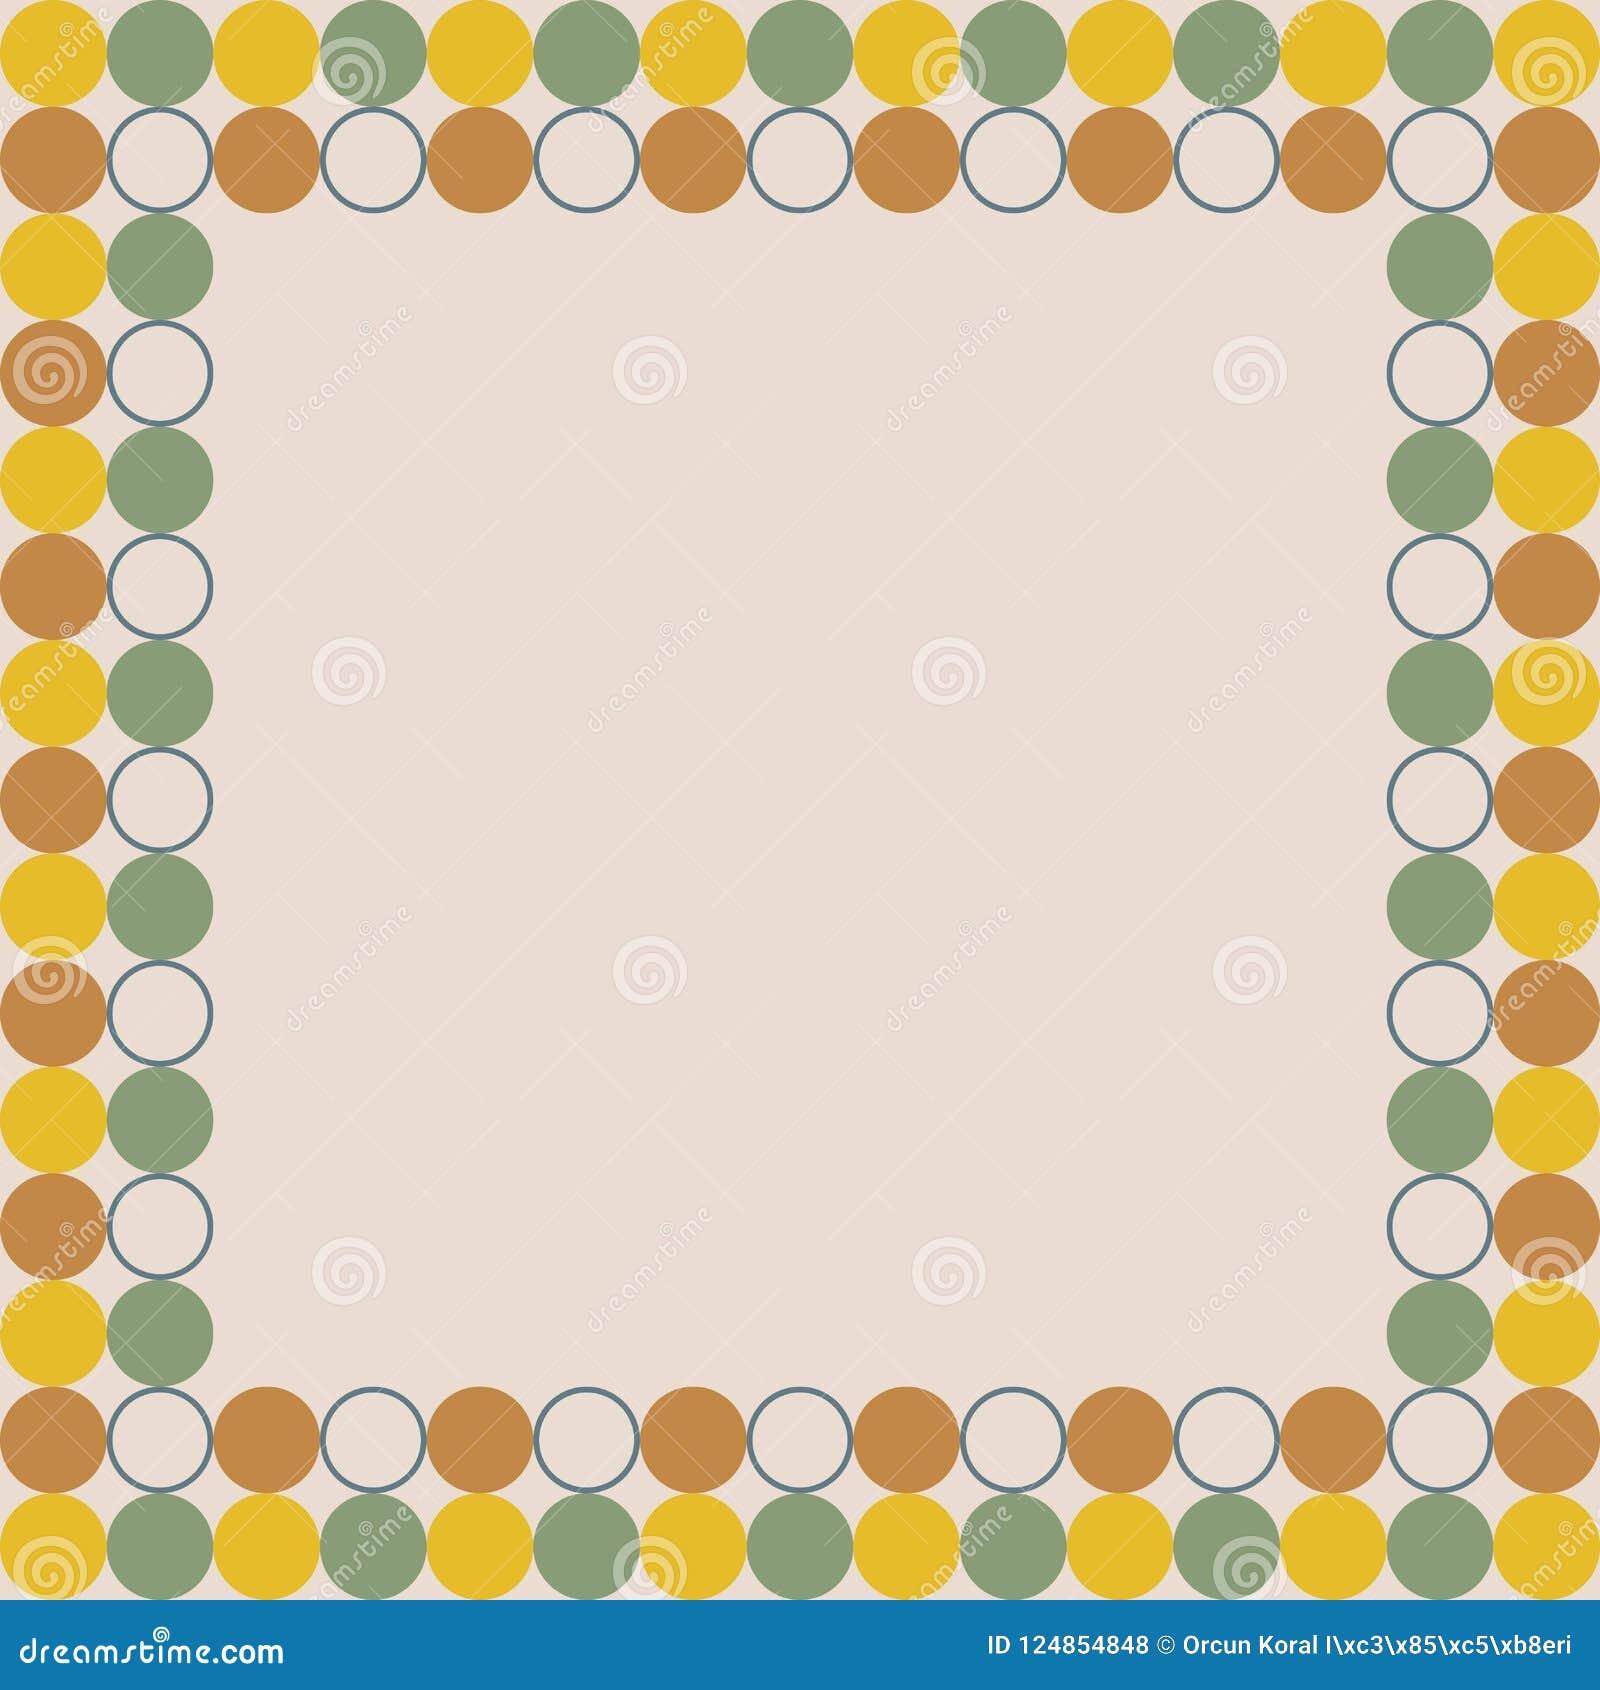 Bordo di presentazione di progettazione color crema del fondo della carta attuale